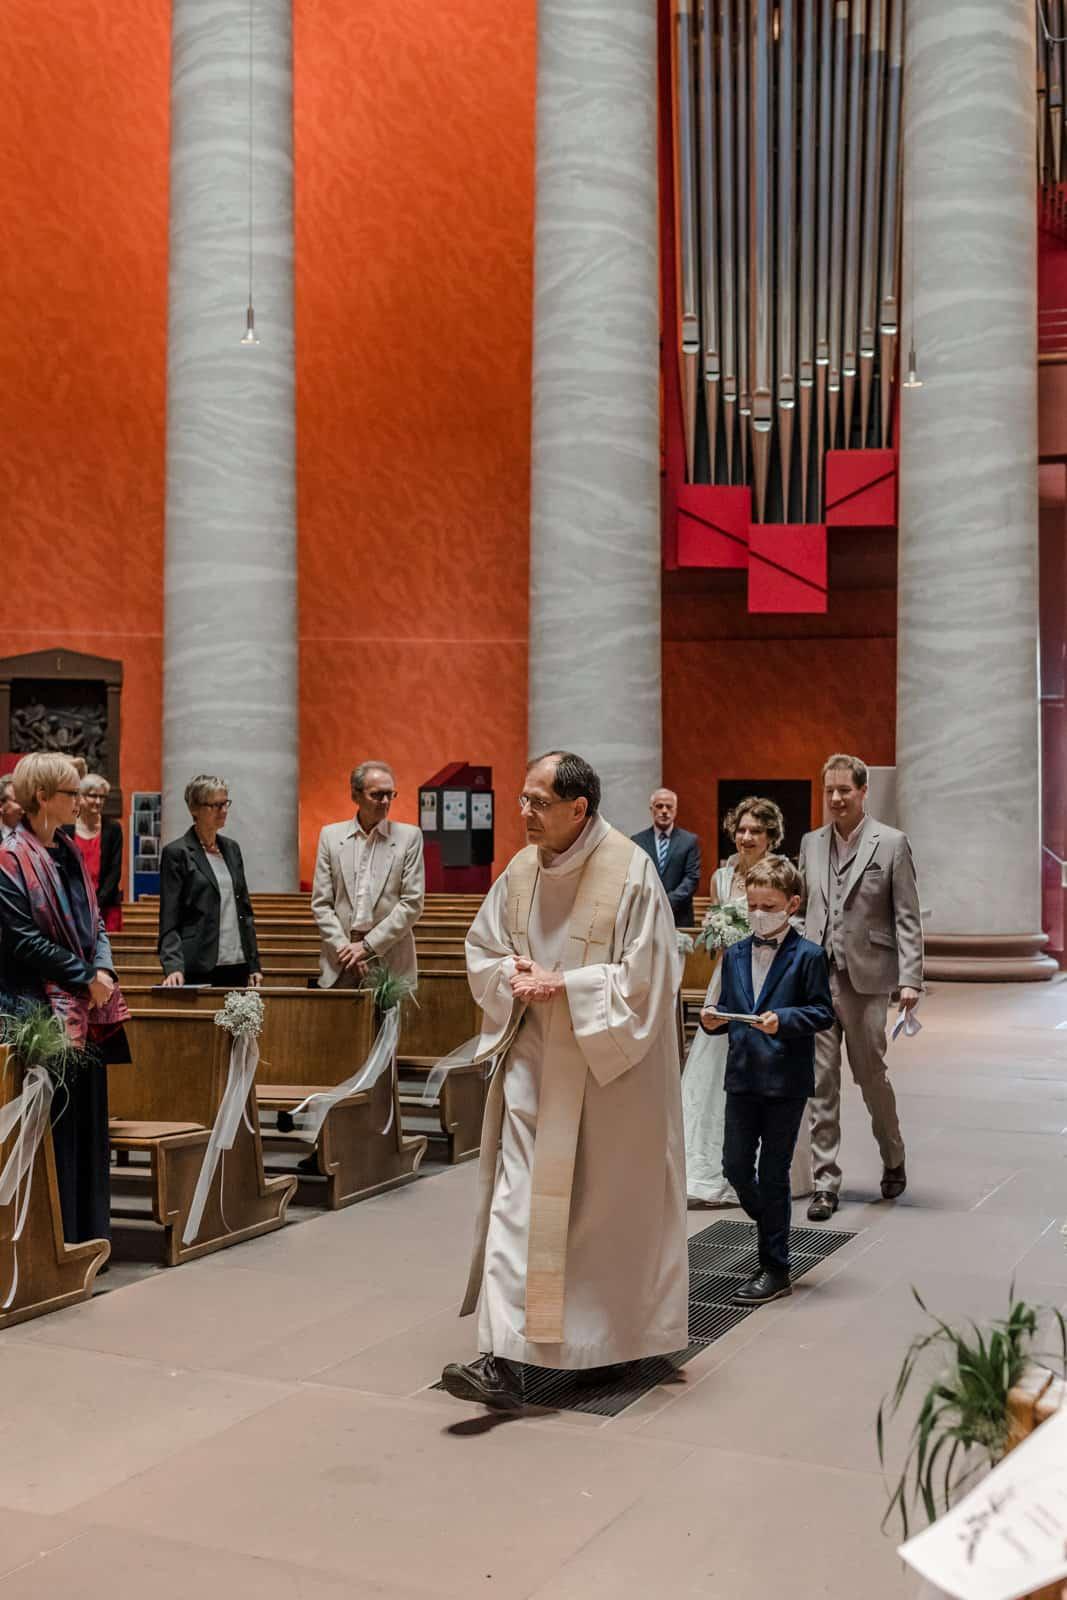 Einlaufen des Brautpaares mit Pfarrer in der St. Ludwig Kirche in Darmstadt.